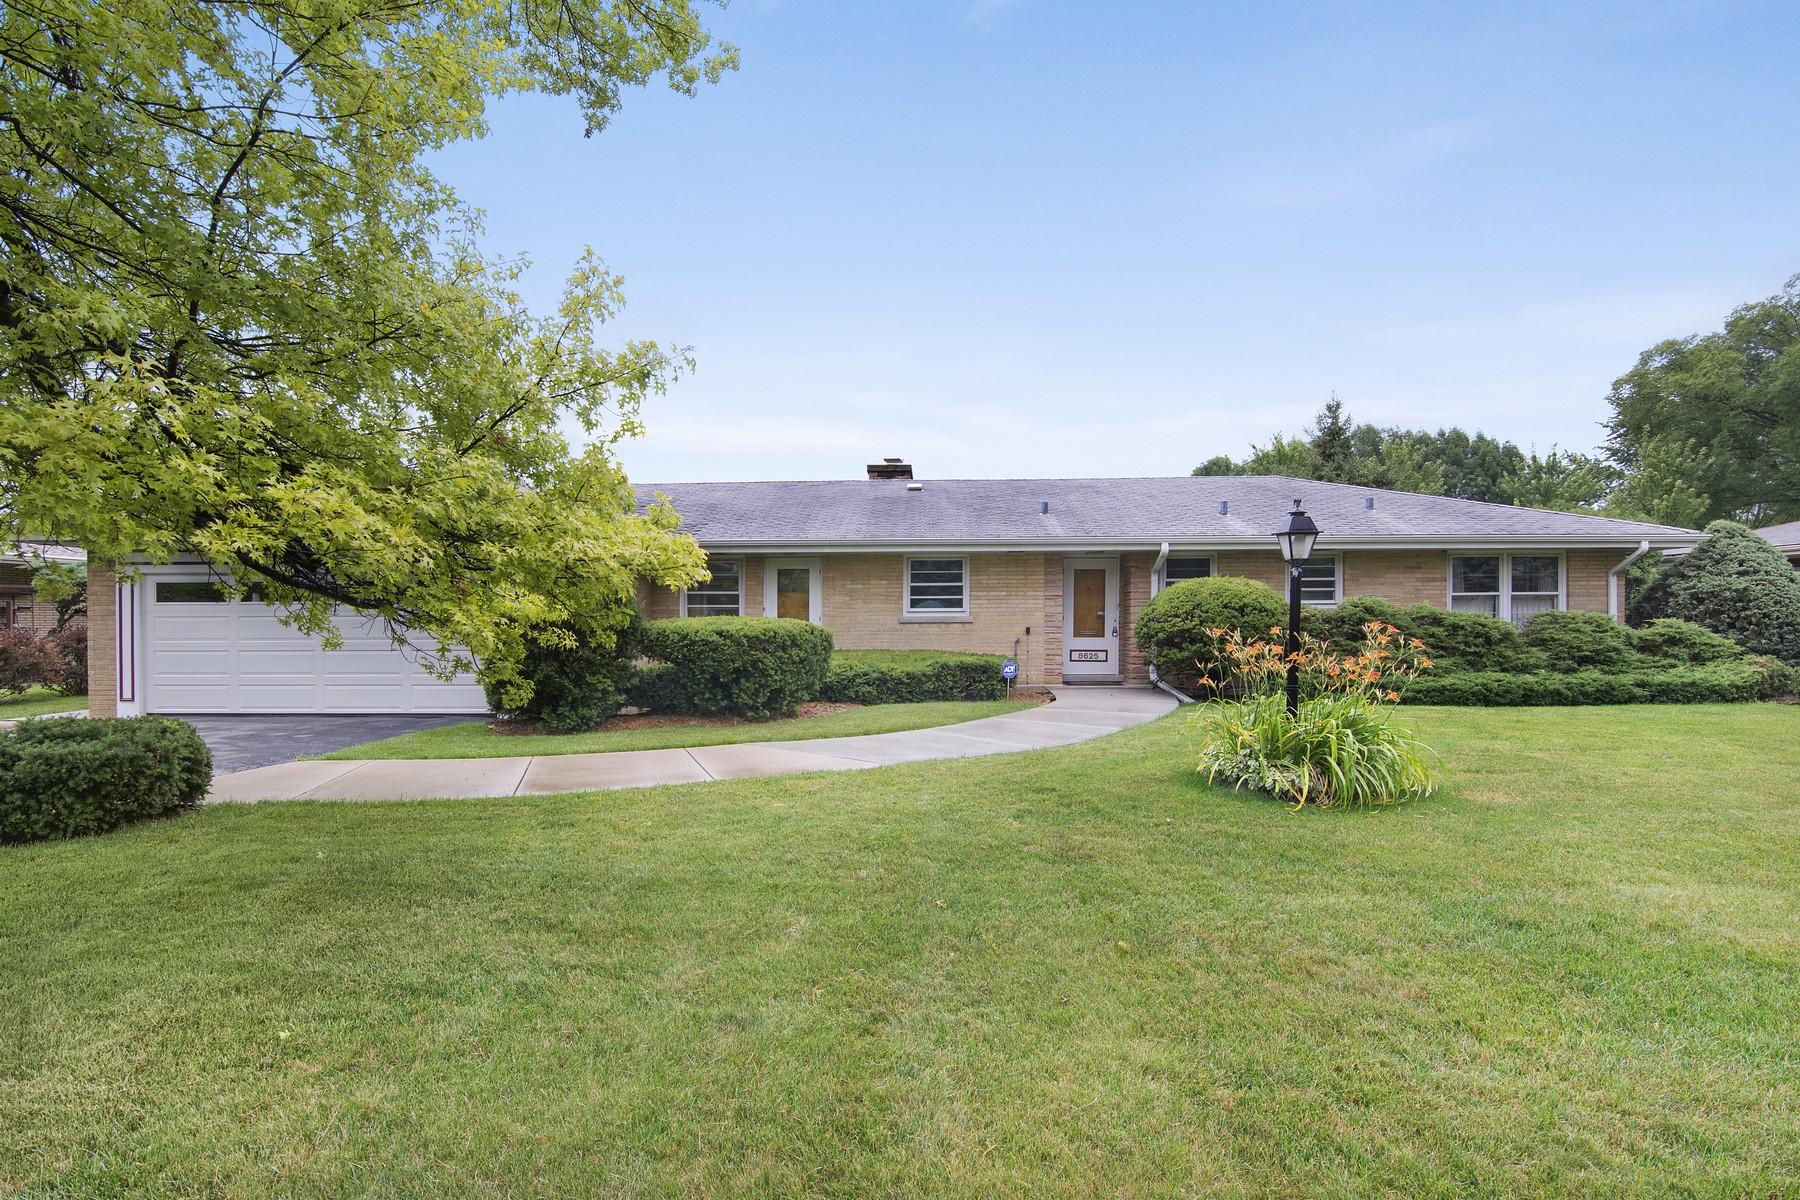 Tek Ailelik Ev için Satış at Lovely Ranch Home 8625 Skokie Boulevard Skokie, Illinois, 60077 Amerika Birleşik Devletleri